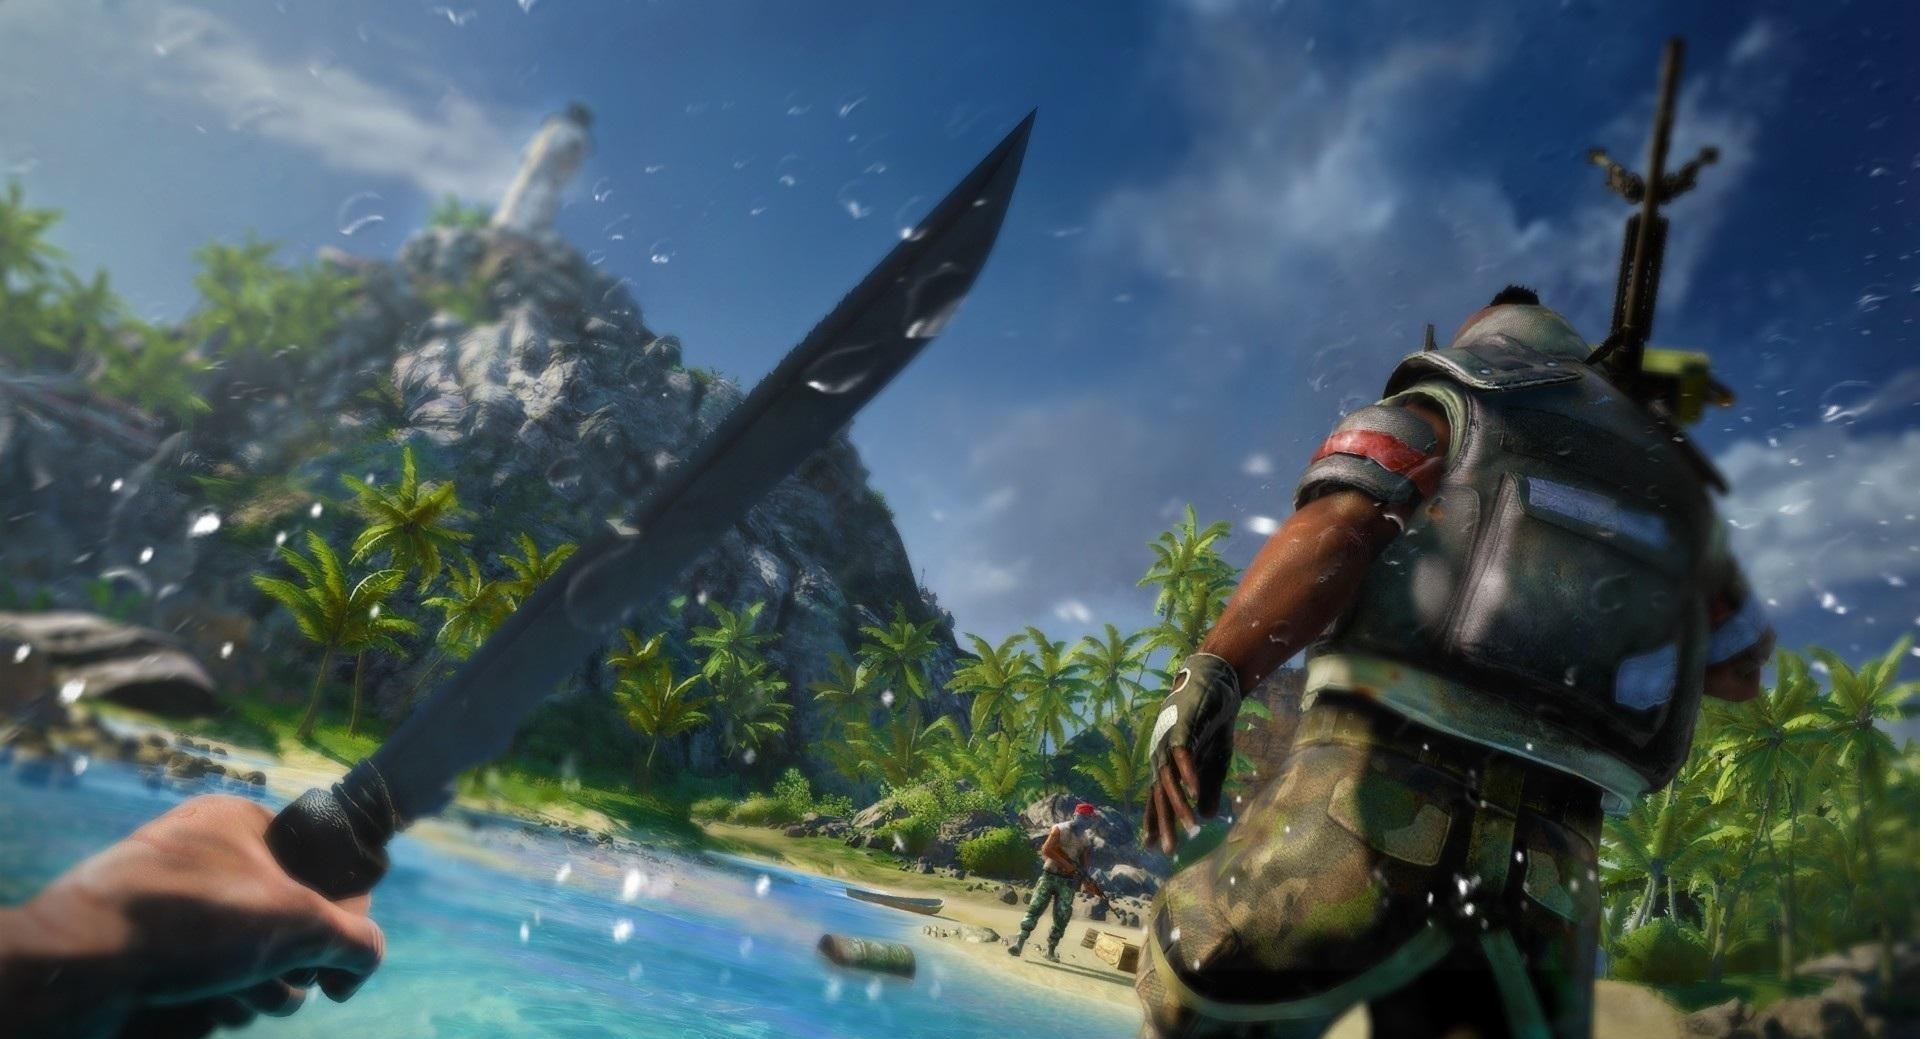 孤岛惊魂3(far cry 3) - 游戏图片 | 图片下载 | 游戏